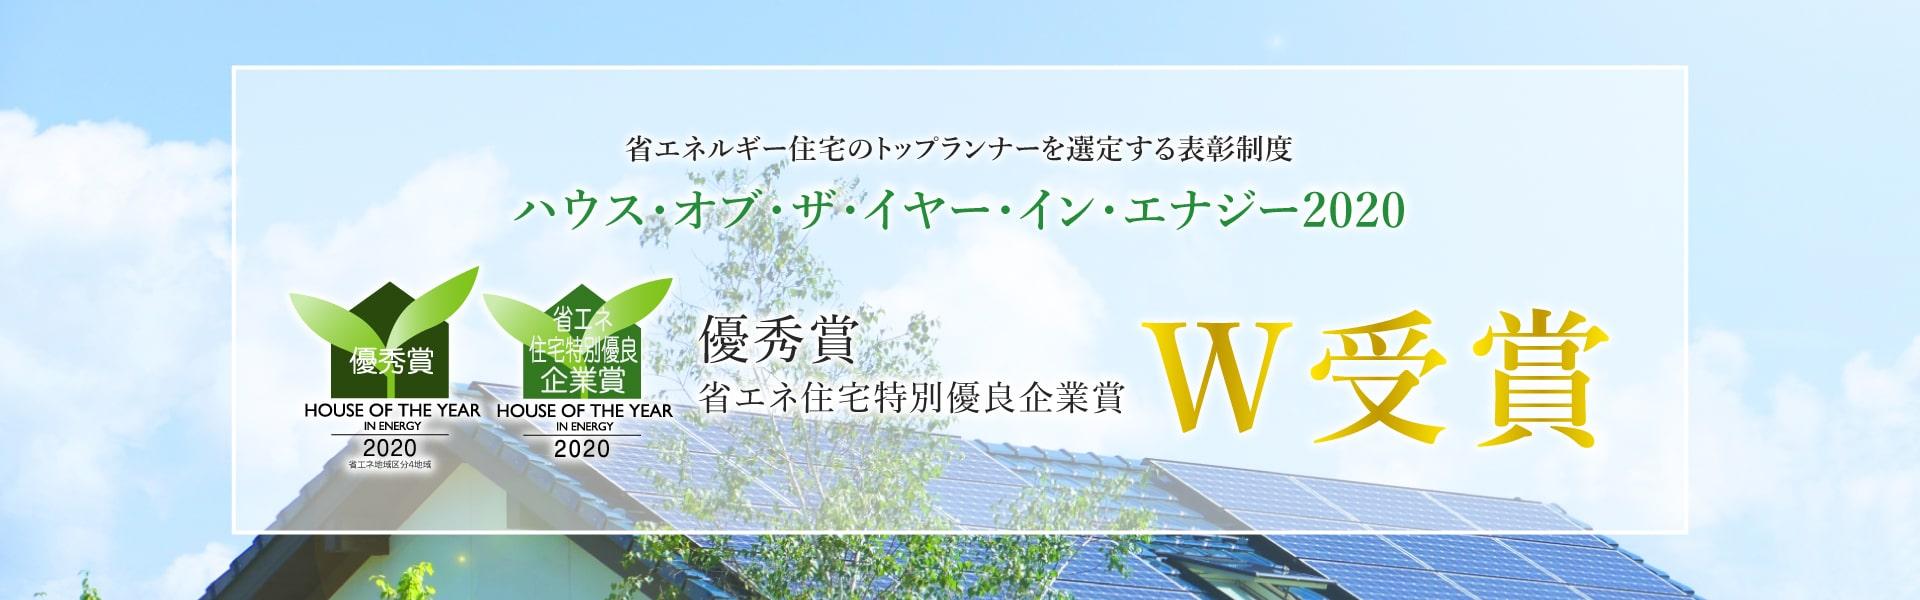 ハウス・オブ・ザ・イン・エナジー2020 優秀賞&省エネ住宅特別優良企業賞 W受賞